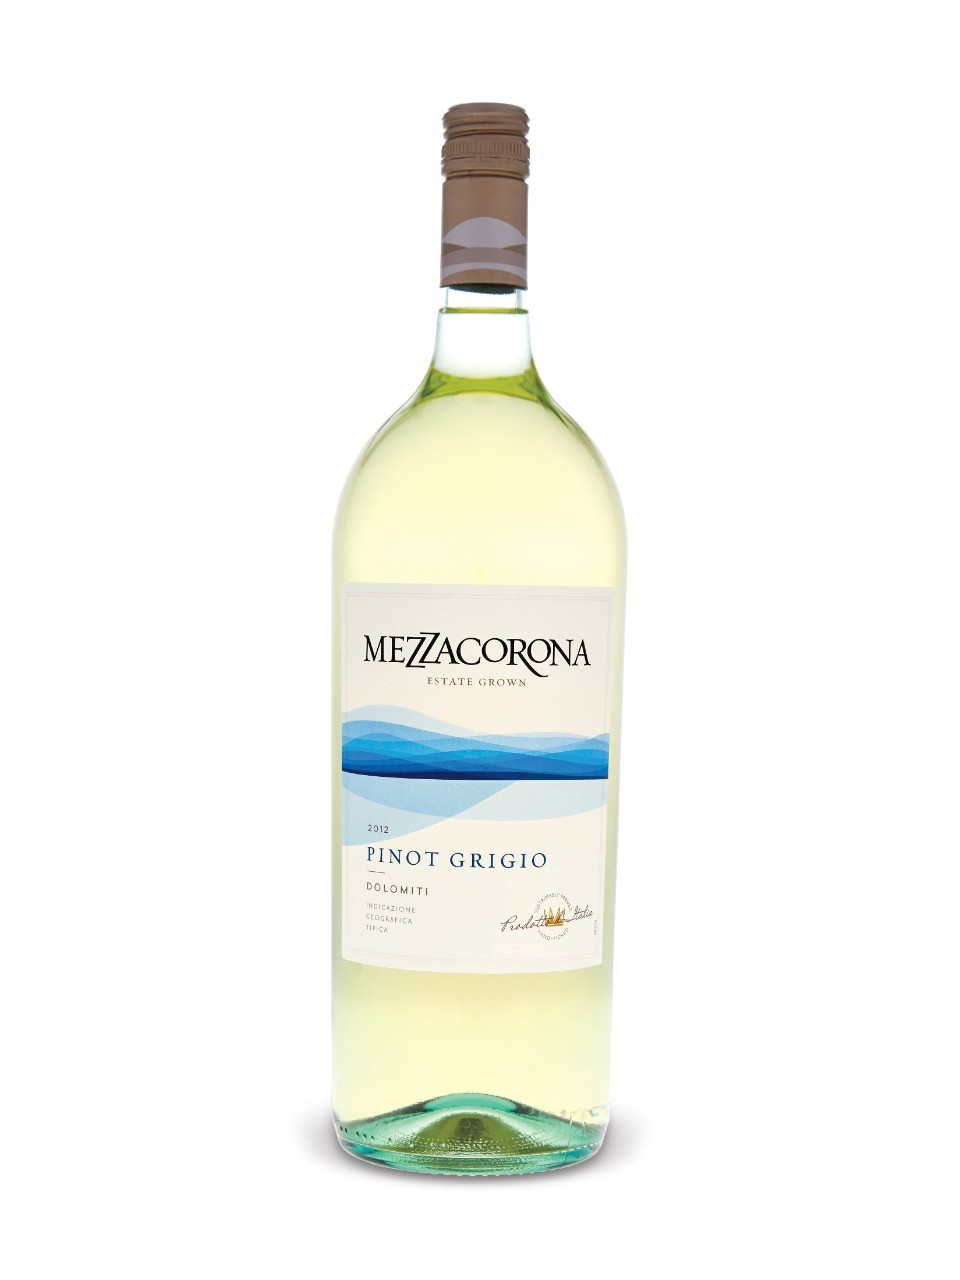 Mezzacorona Pinot Grigio (750ml) Image